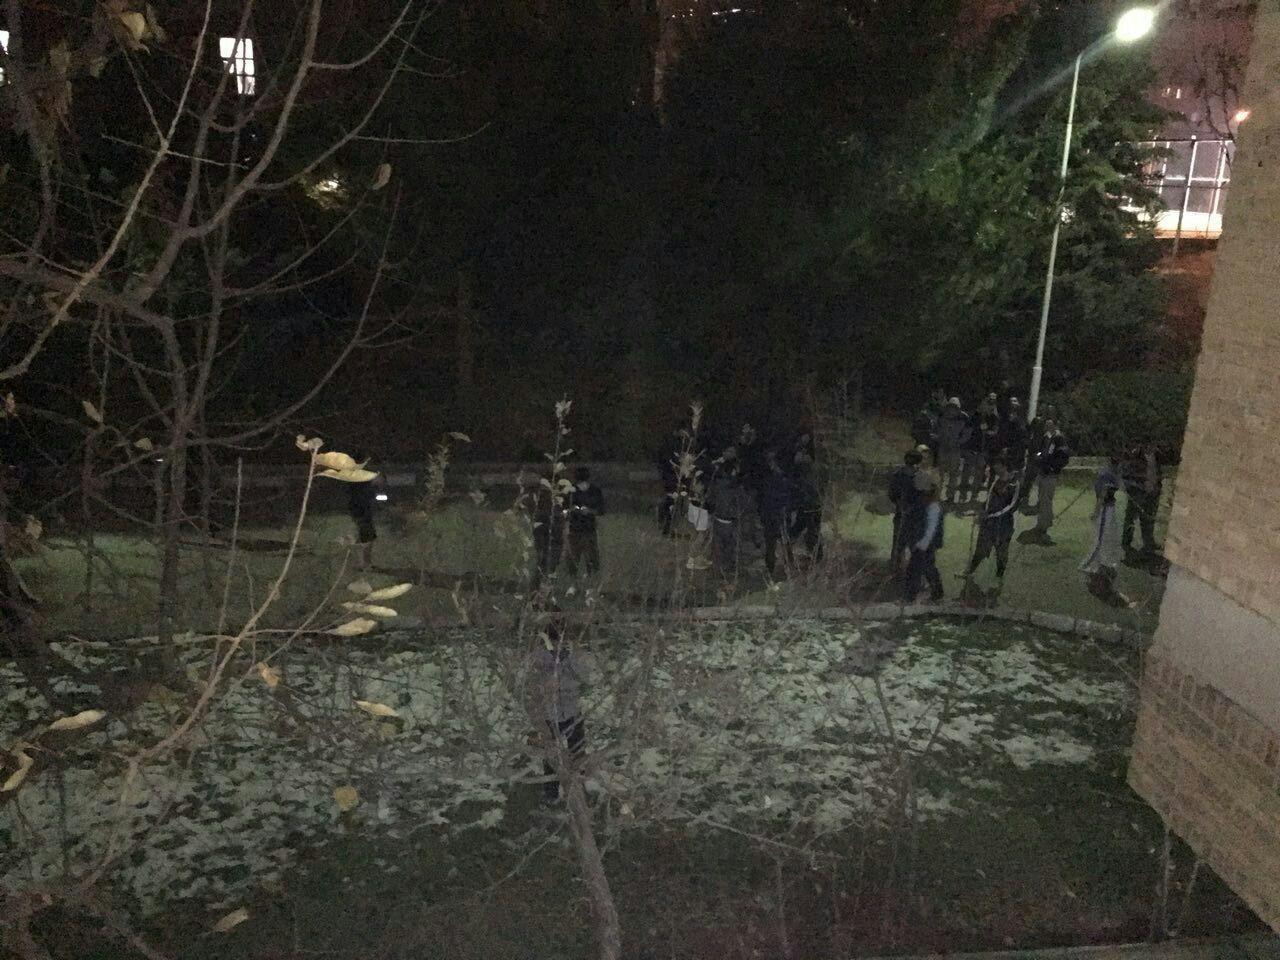 از اعتراض گسترده به اخذ جریمه از دانشجویان سنواتی تا خودکشی دانشجوی المپیادی